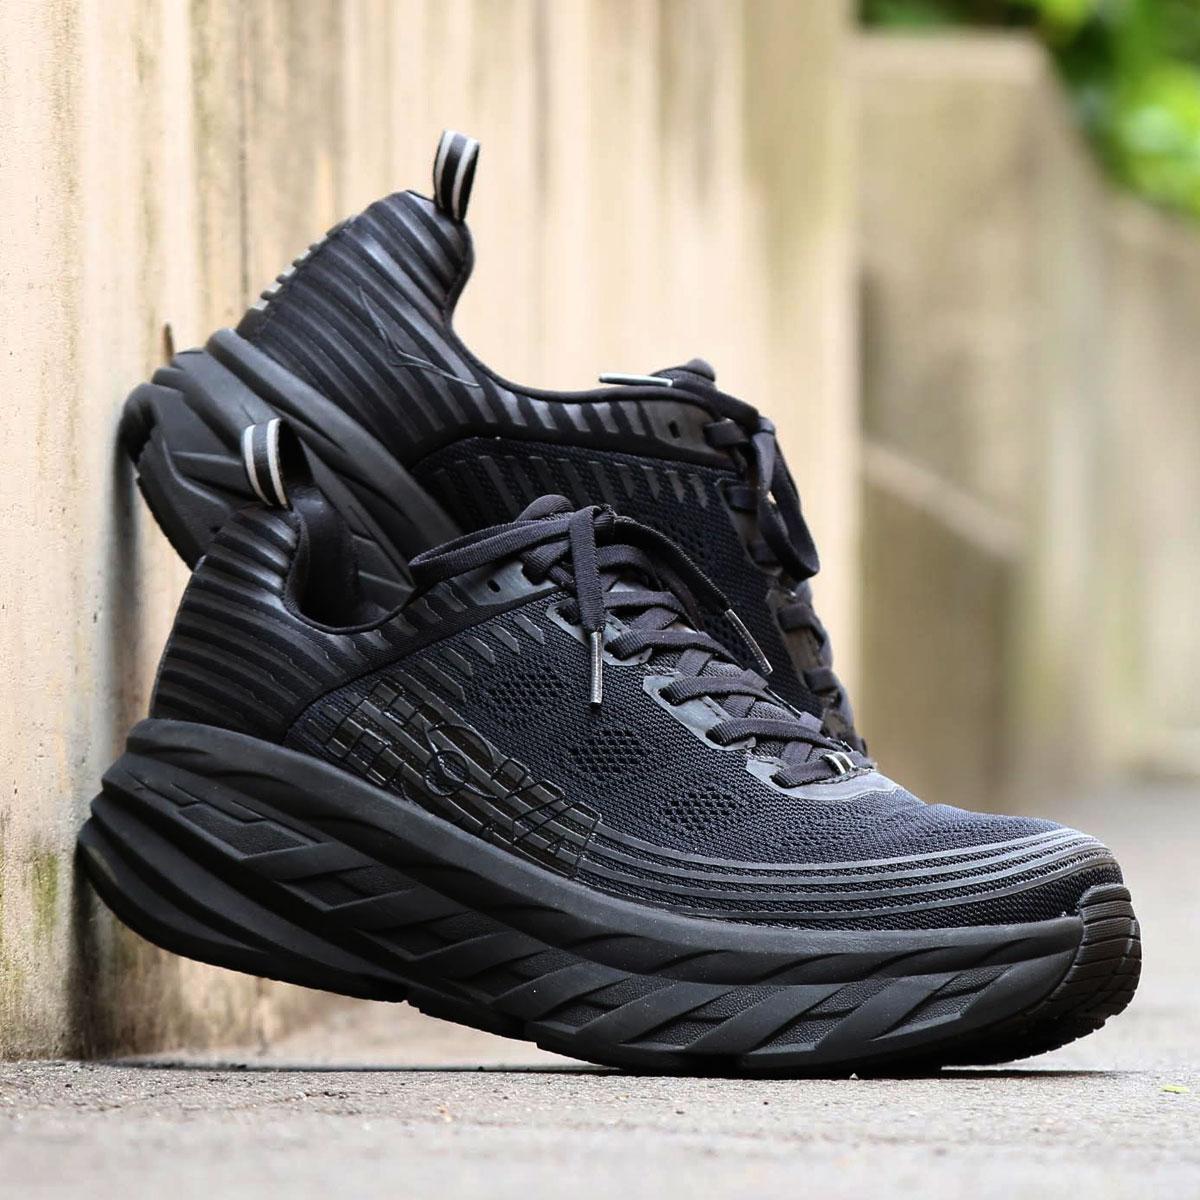 メンズ靴, スニーカー HOKA ONE ONE Bondi 6( 6)BLACKBLACK 19FA-I